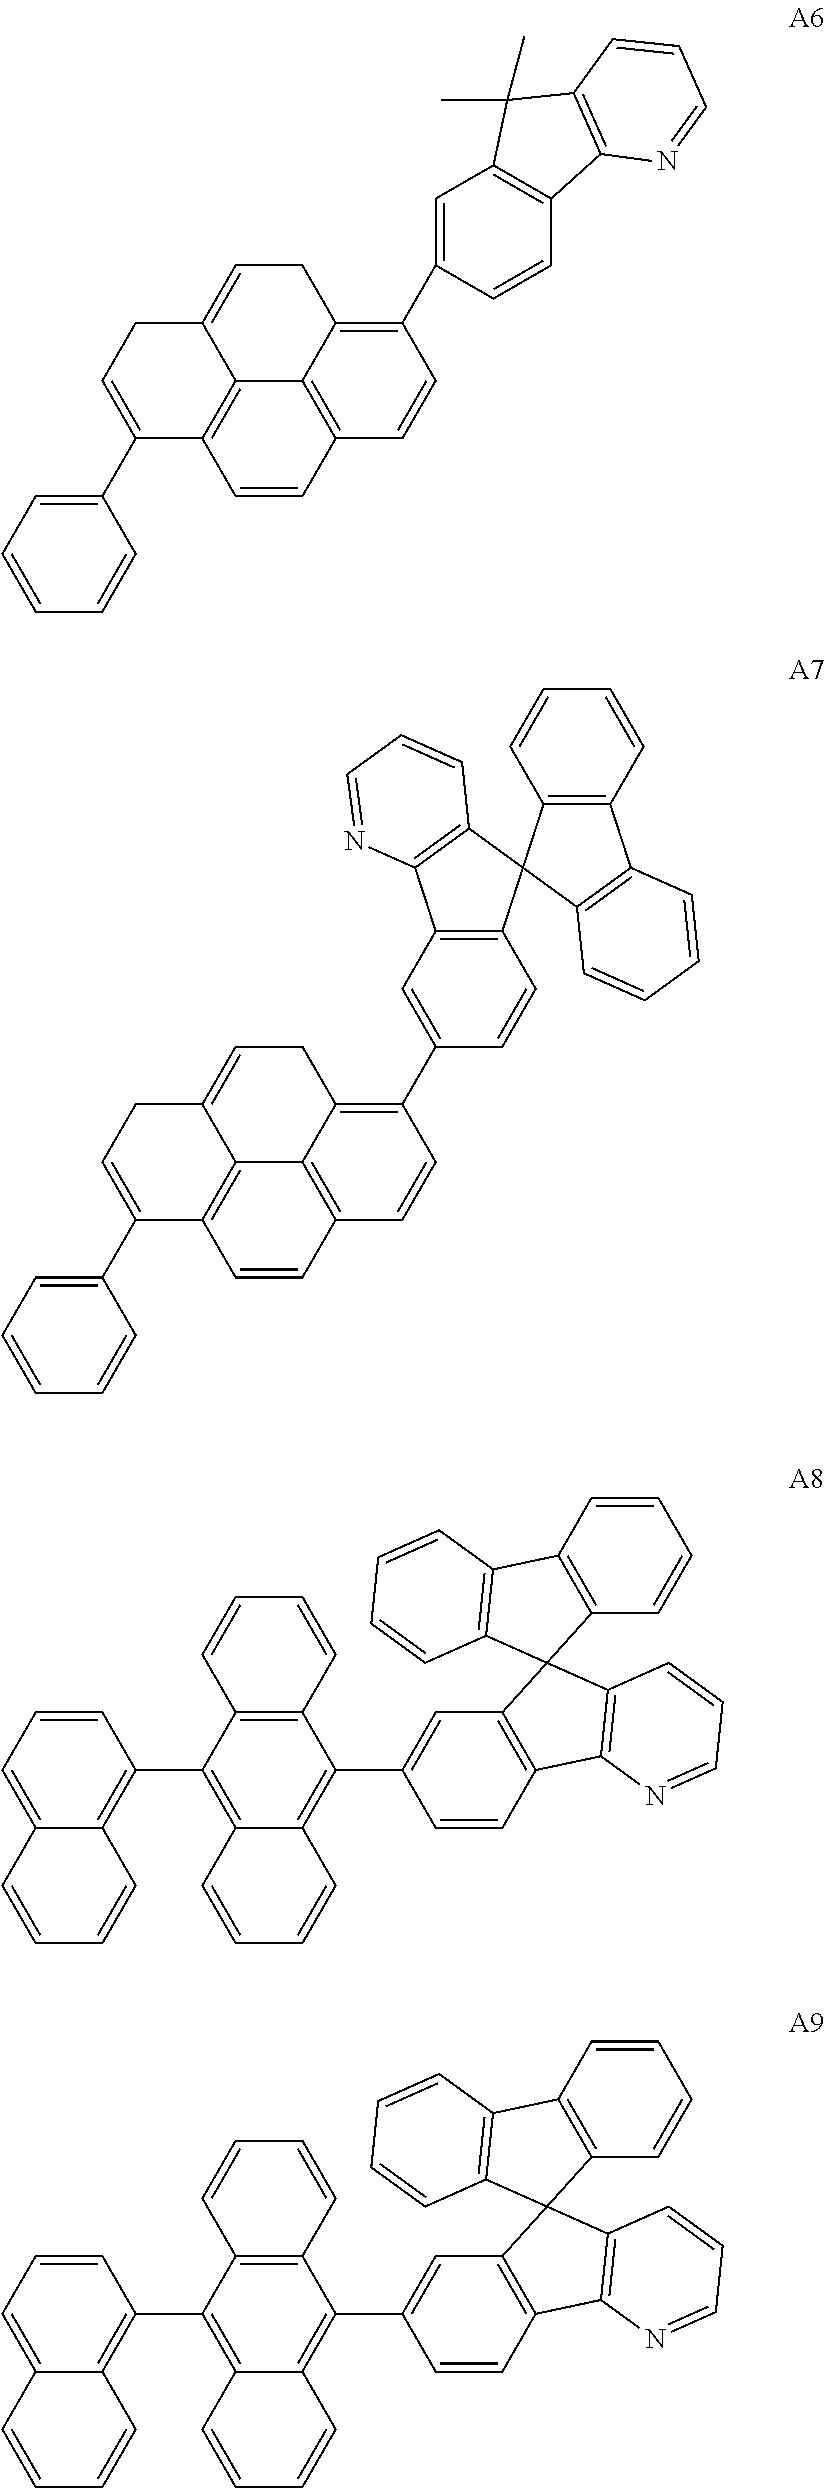 Figure US09722191-20170801-C00021